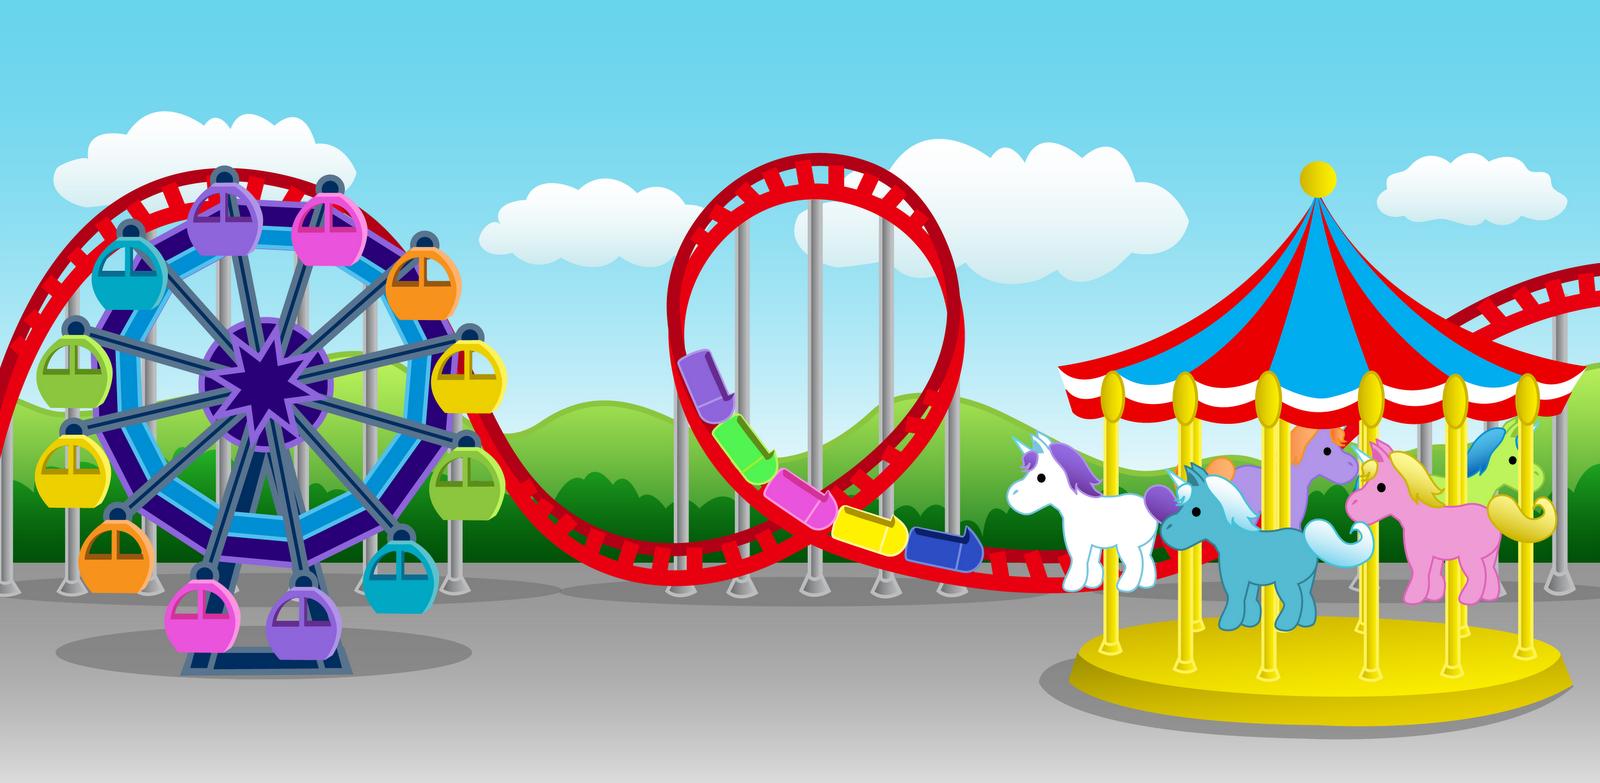 707 Amusement Park free clipart.